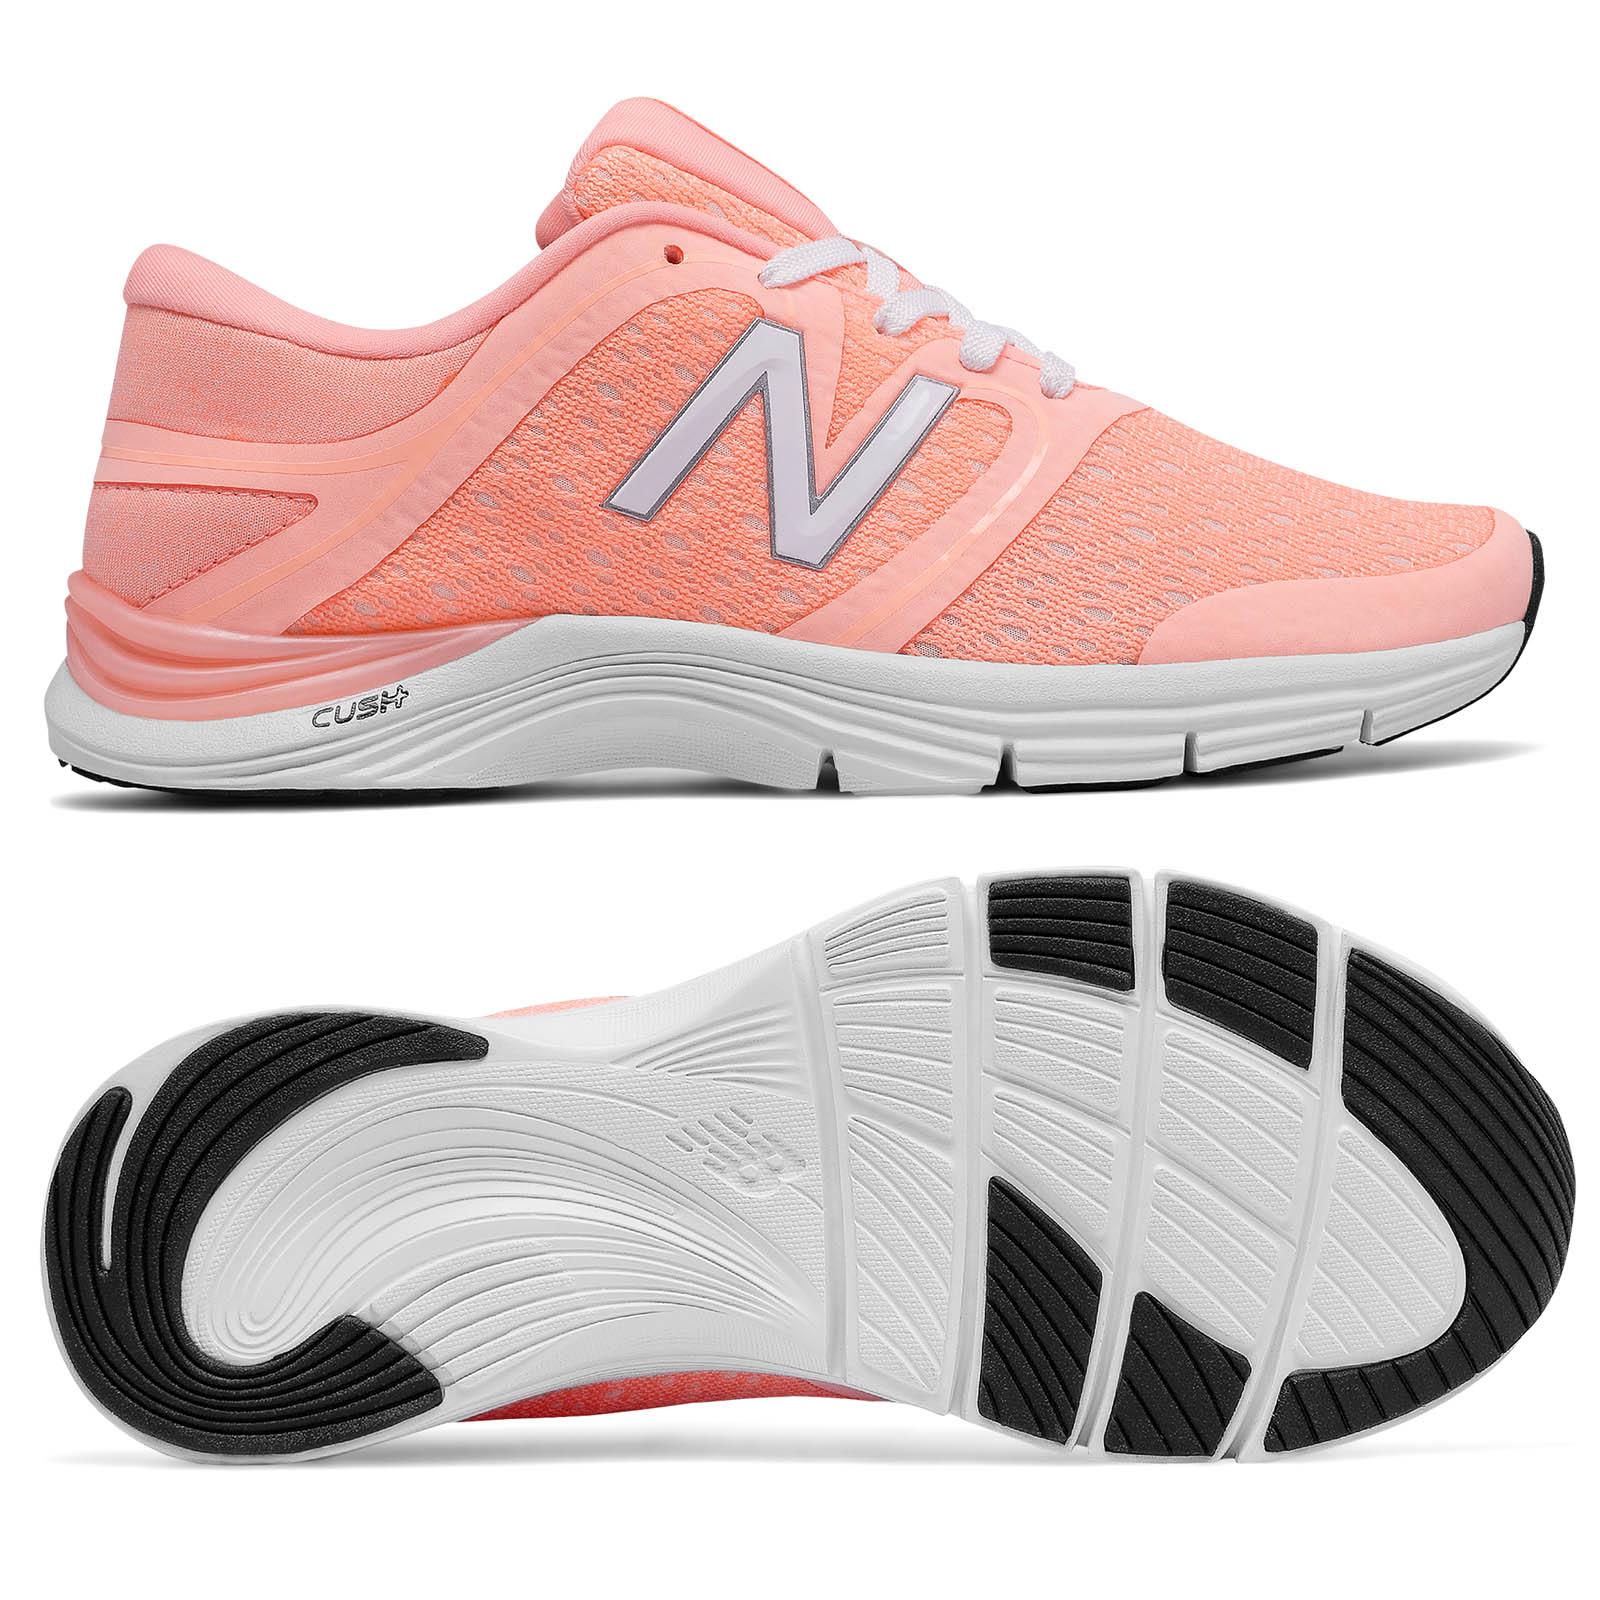 Image of New Balance 711 v2 Mesh Ladies Training Shoes - 4.5 UK